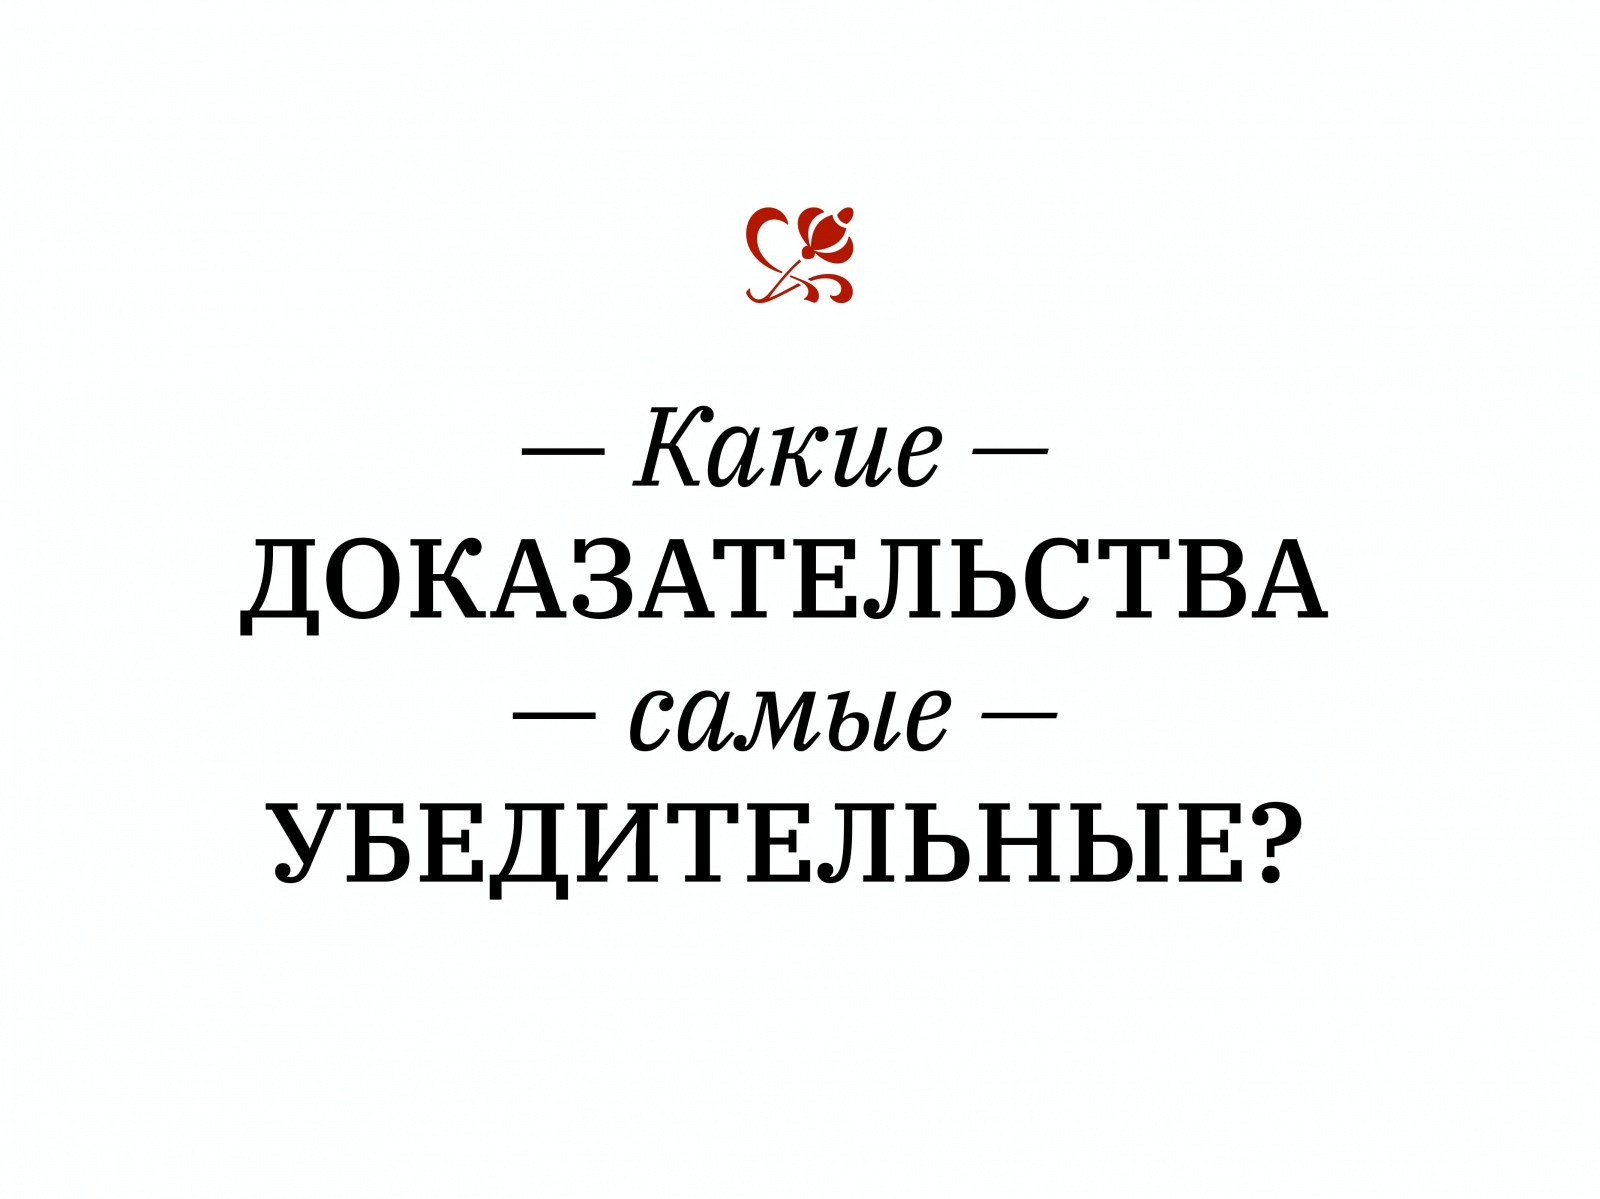 Алексей Каптерев: Критическое мышление 101 (часть 2) - 4